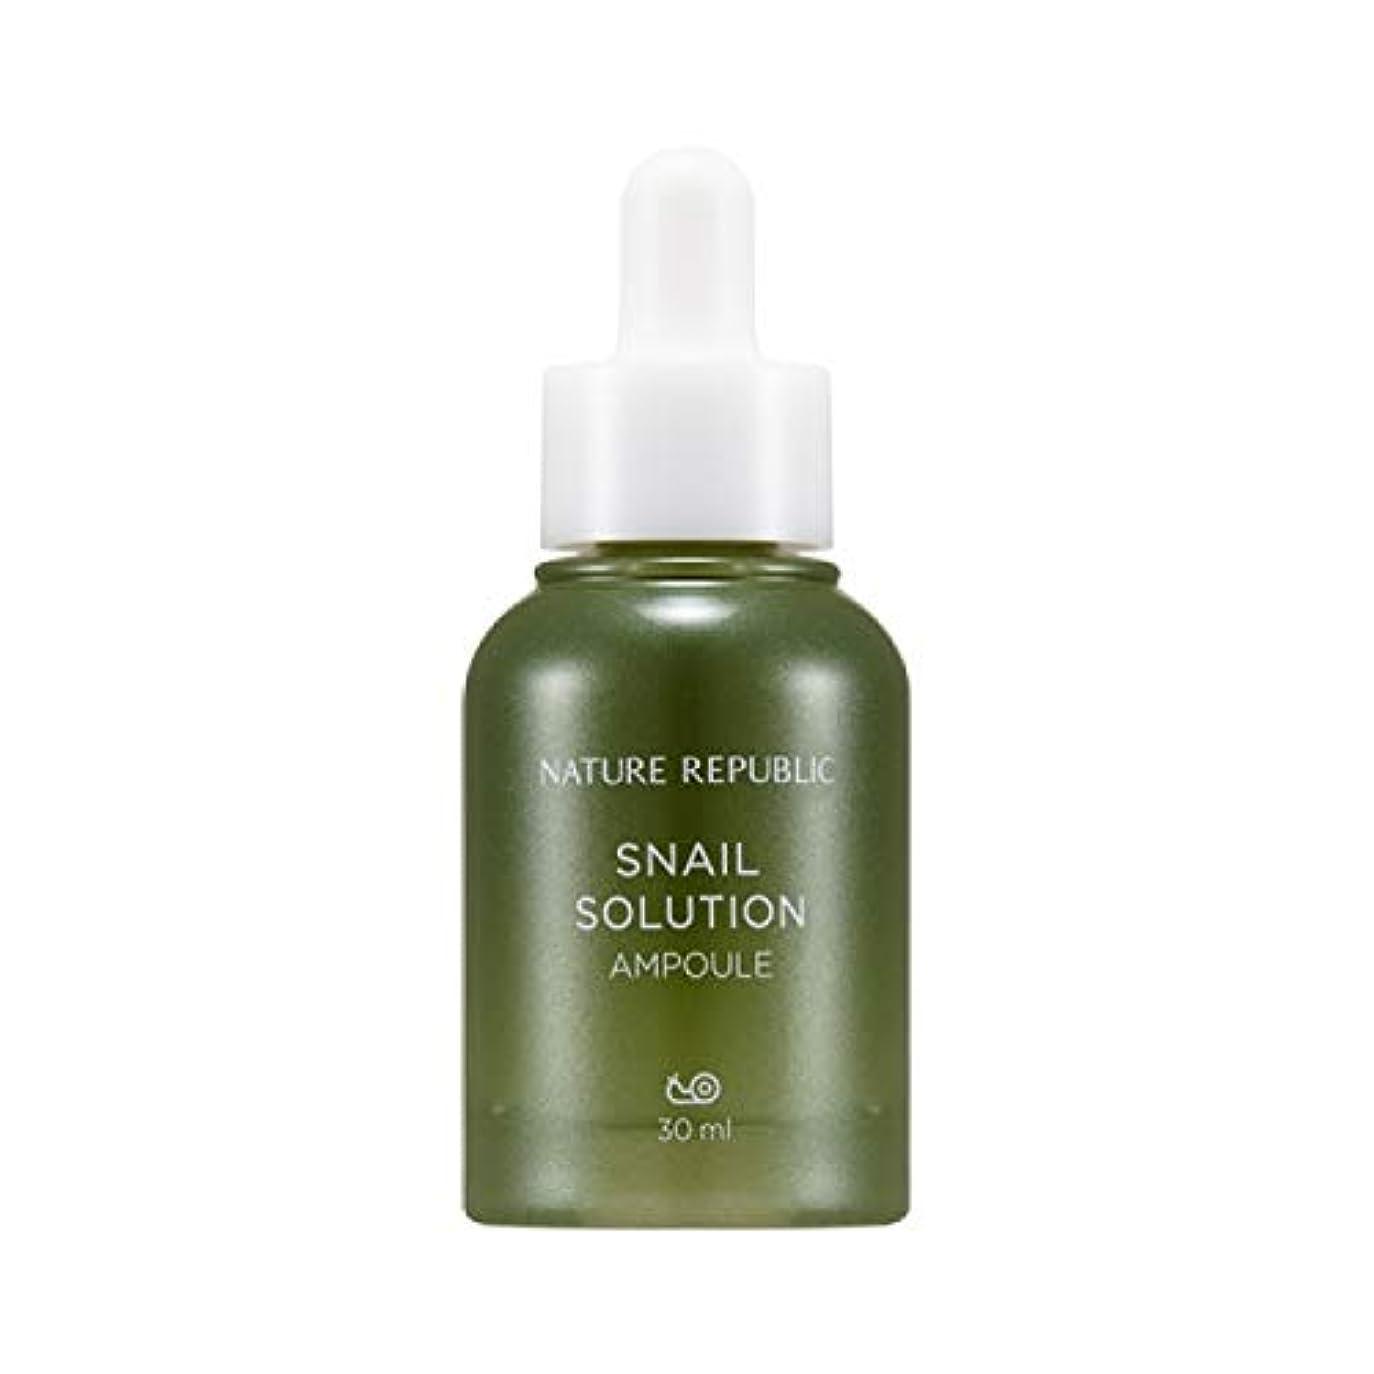 添付降ろす振り向くネイチャーリパブリック(Nature Republic)カタツムリソリューションアンプル 30ml / Snail Solution Ampoule 30ml :: 韓国コスメ [並行輸入品]